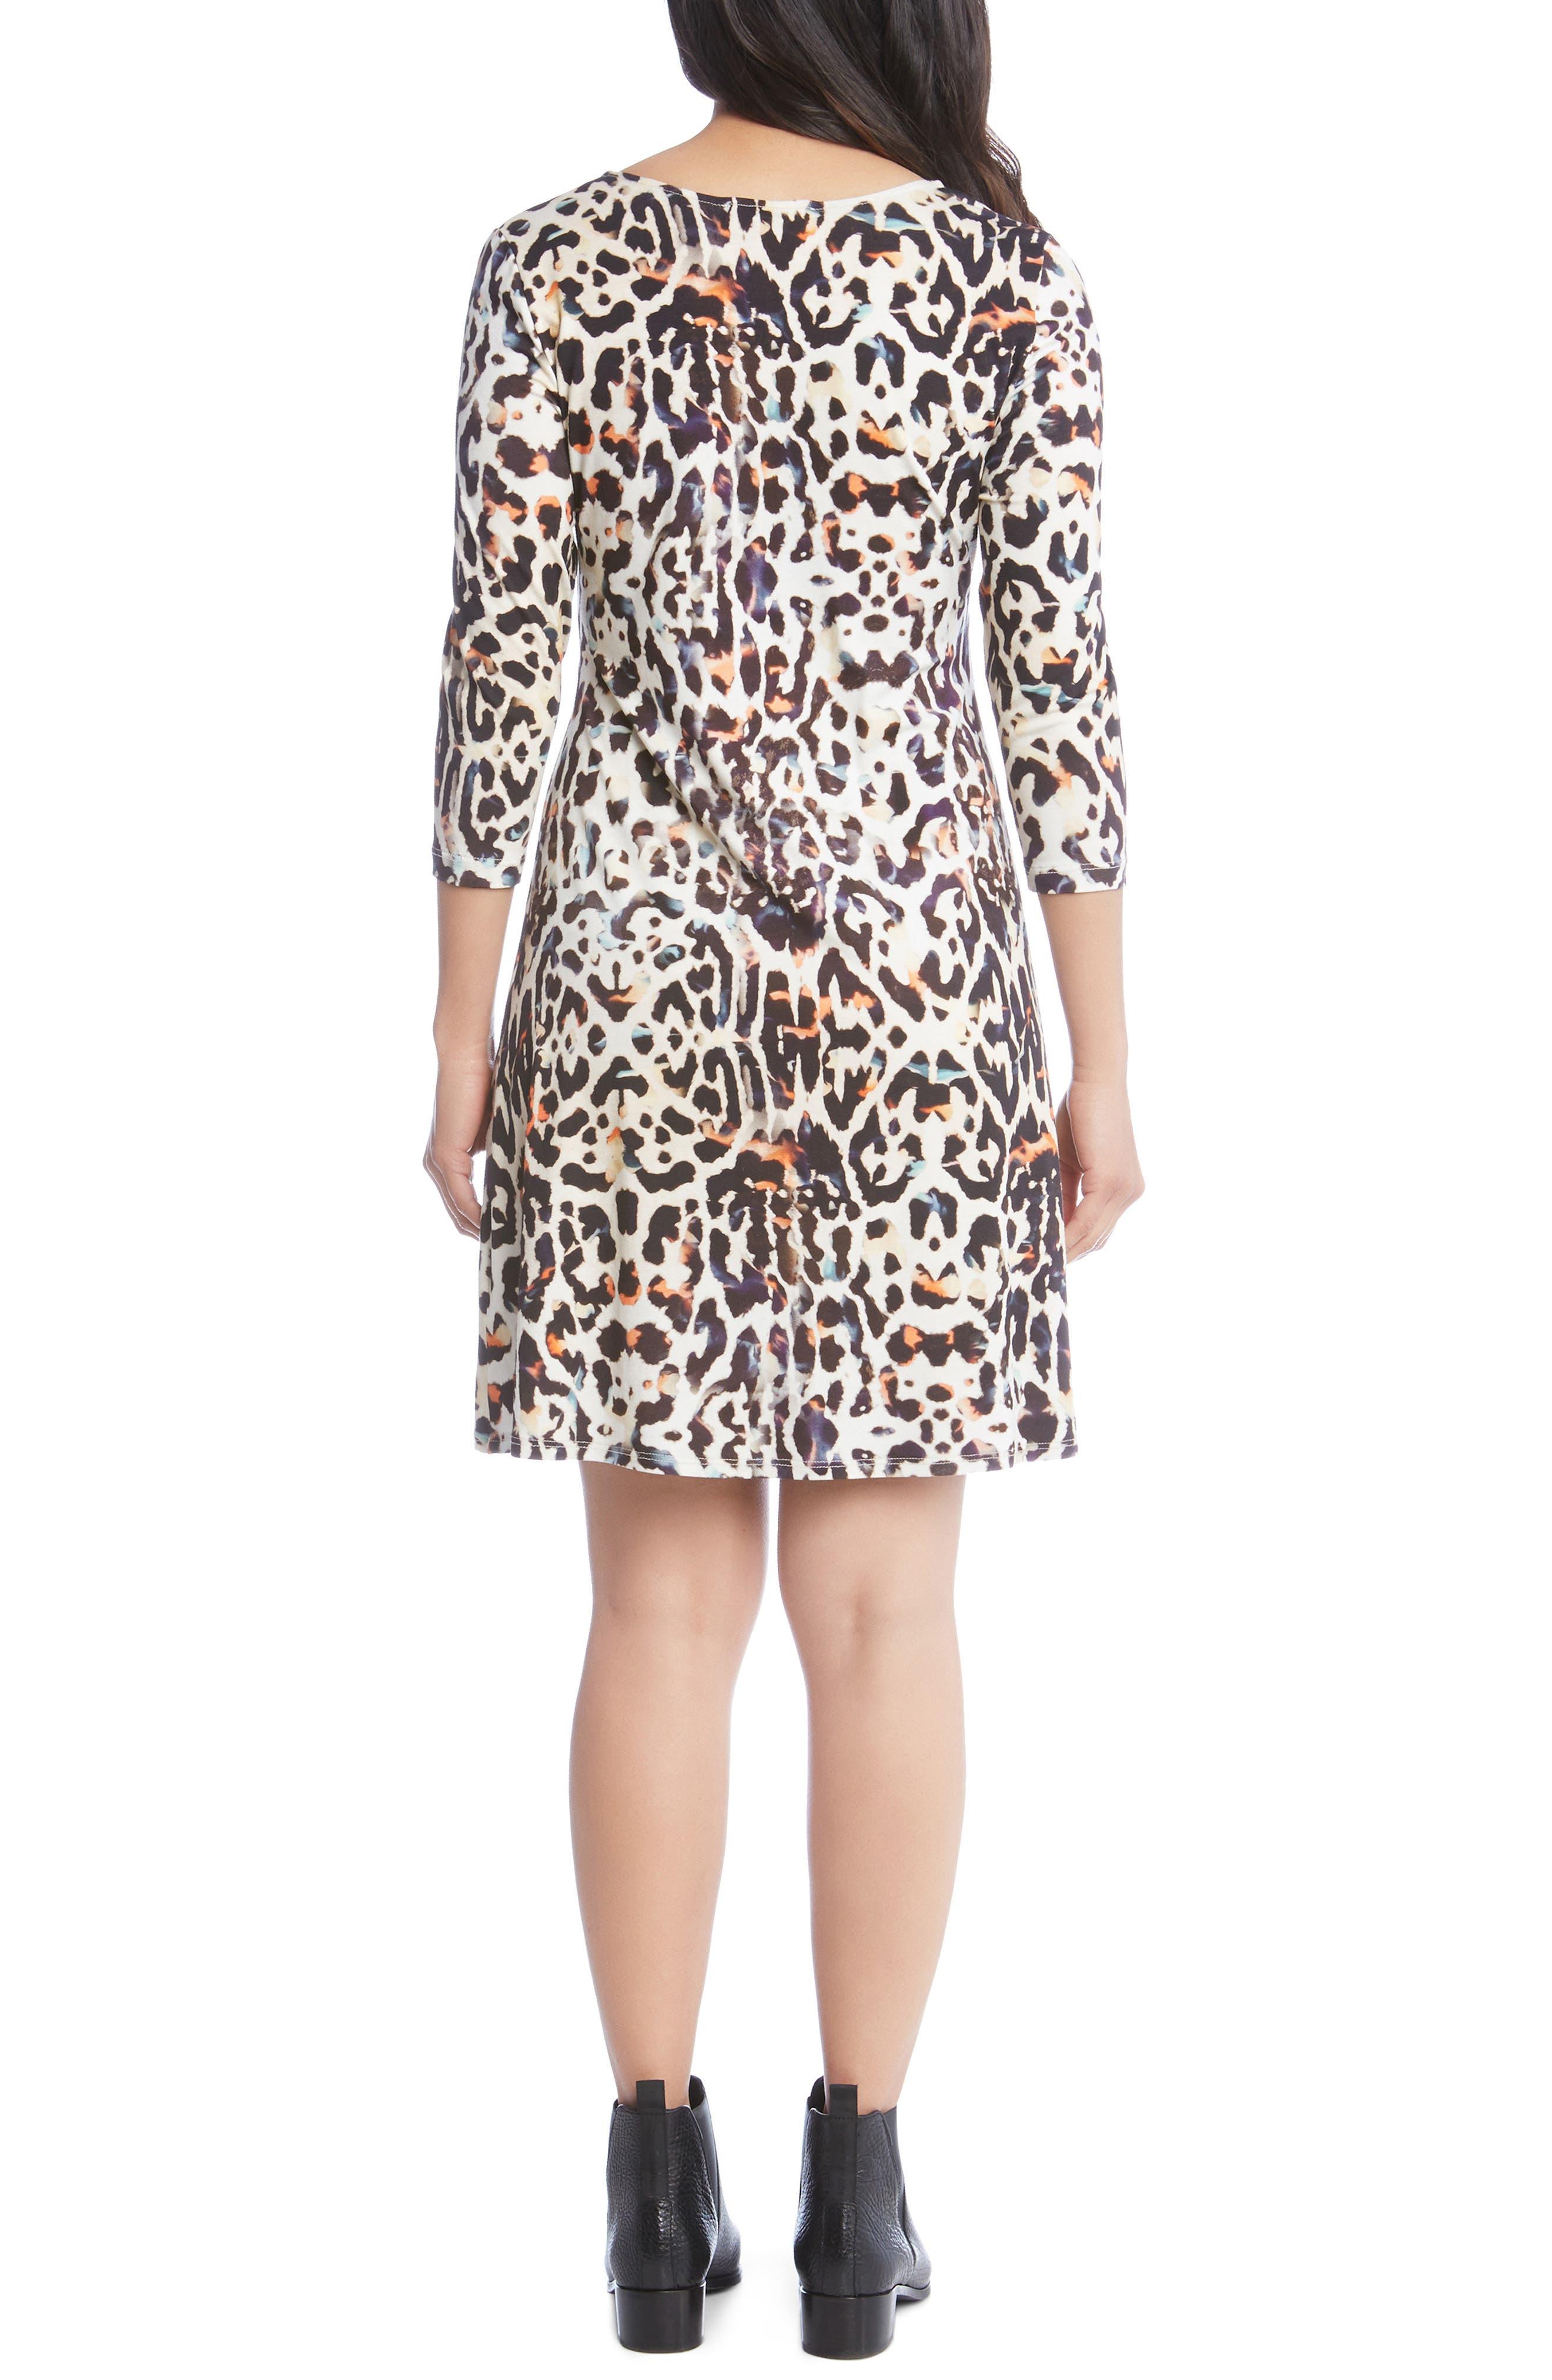 Leopard Print A-Line Dress,                             Alternate thumbnail 2, color,                             280